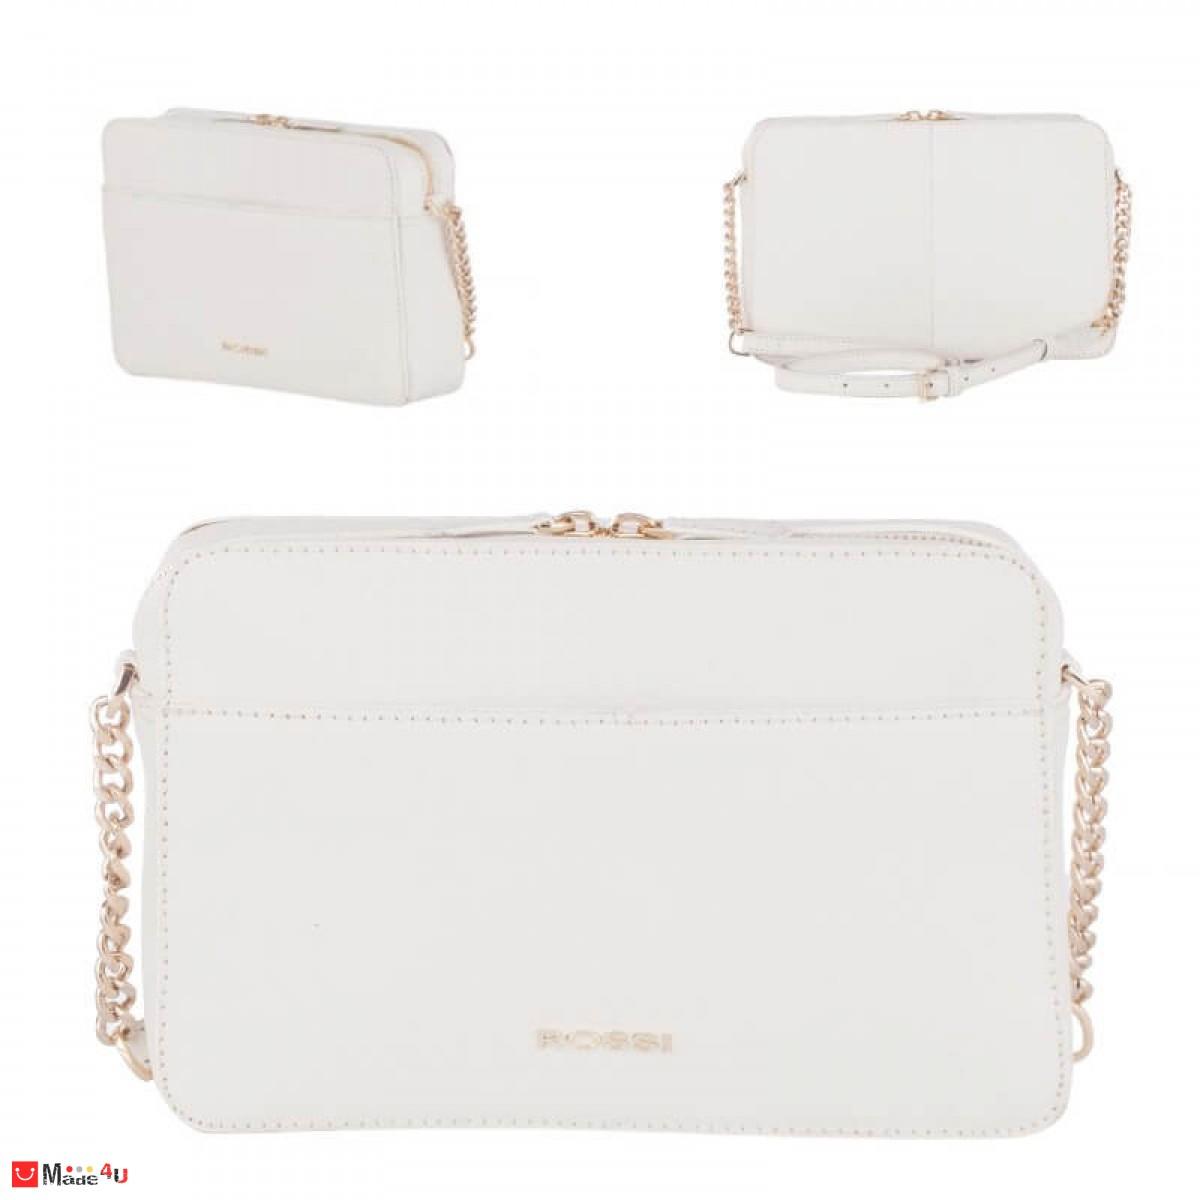 Дамска чанта през рамо 25х16см, бяла